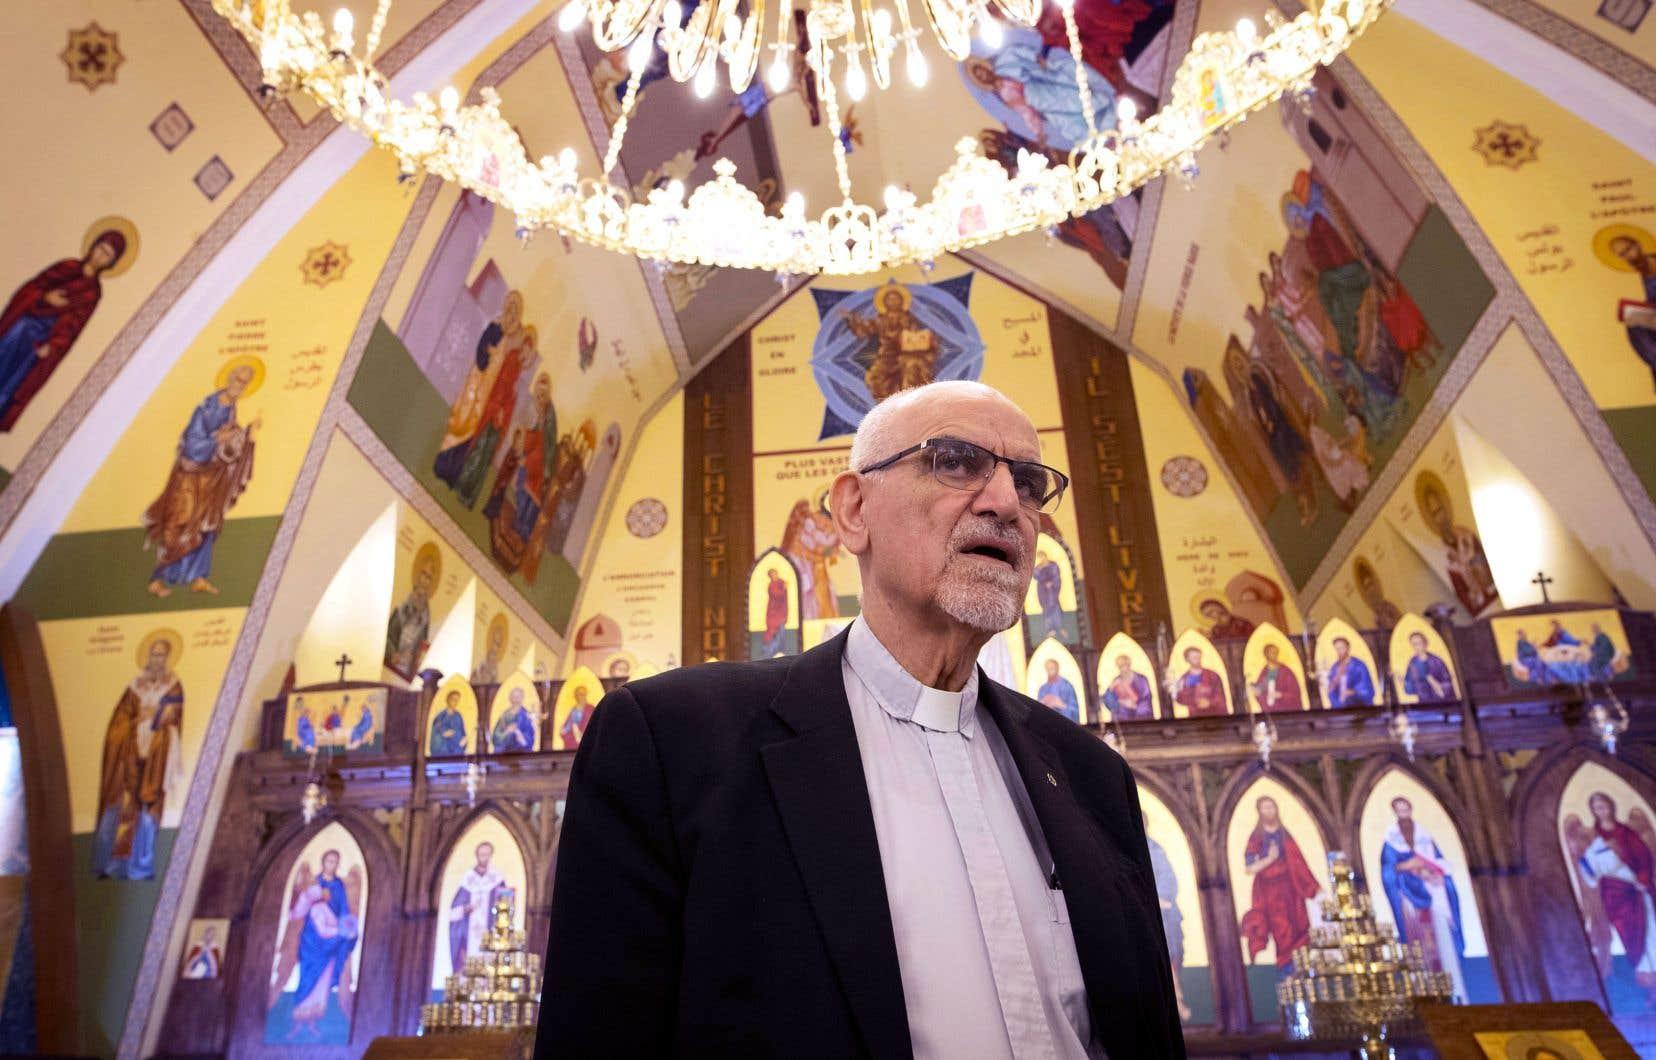 Michel Fawaz dans l'église d'Antioche de la Vierge Marie, à Montréal, qu'il a contribué à rénover